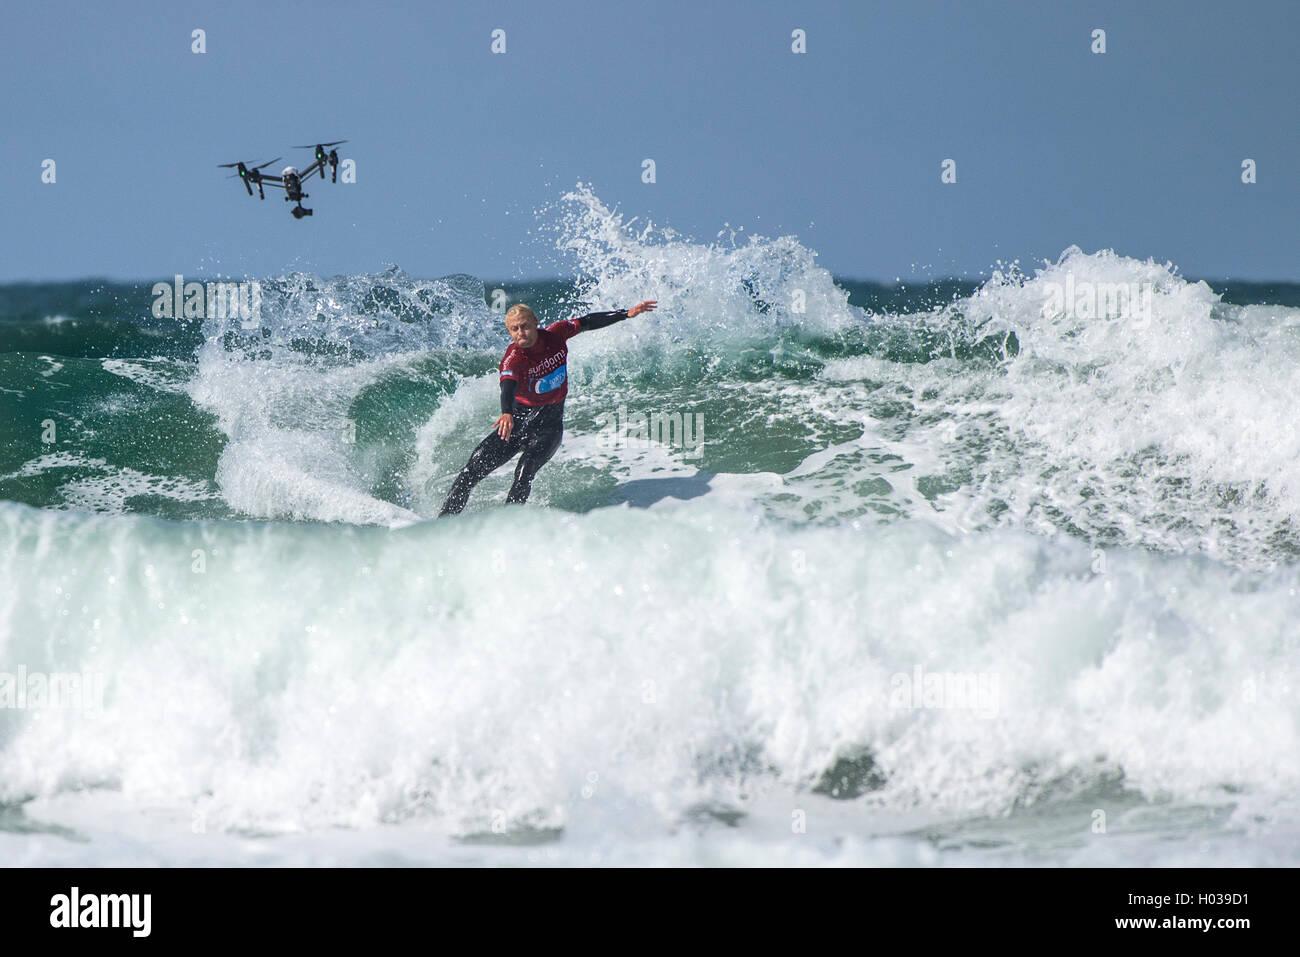 Eine Drohne Filme ein Konkurrent in der Tätigkeit beim Surfen gb inter-Clubs surfen Wettbewerb auf den Fistral Stockbild